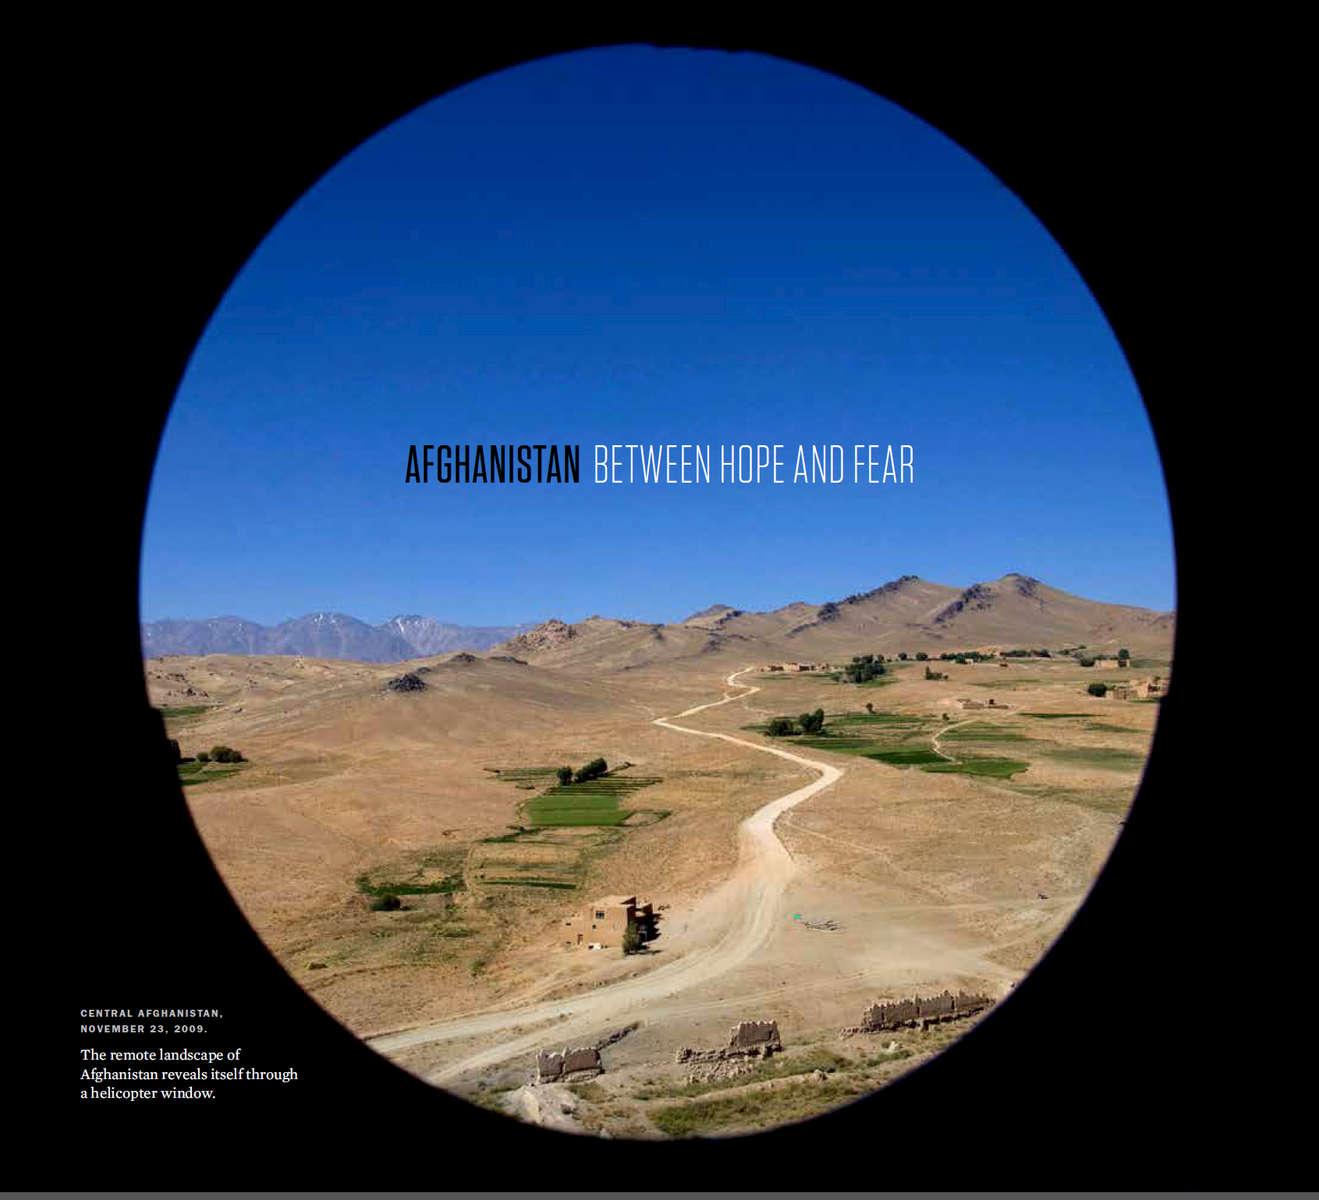 afghan-book-image